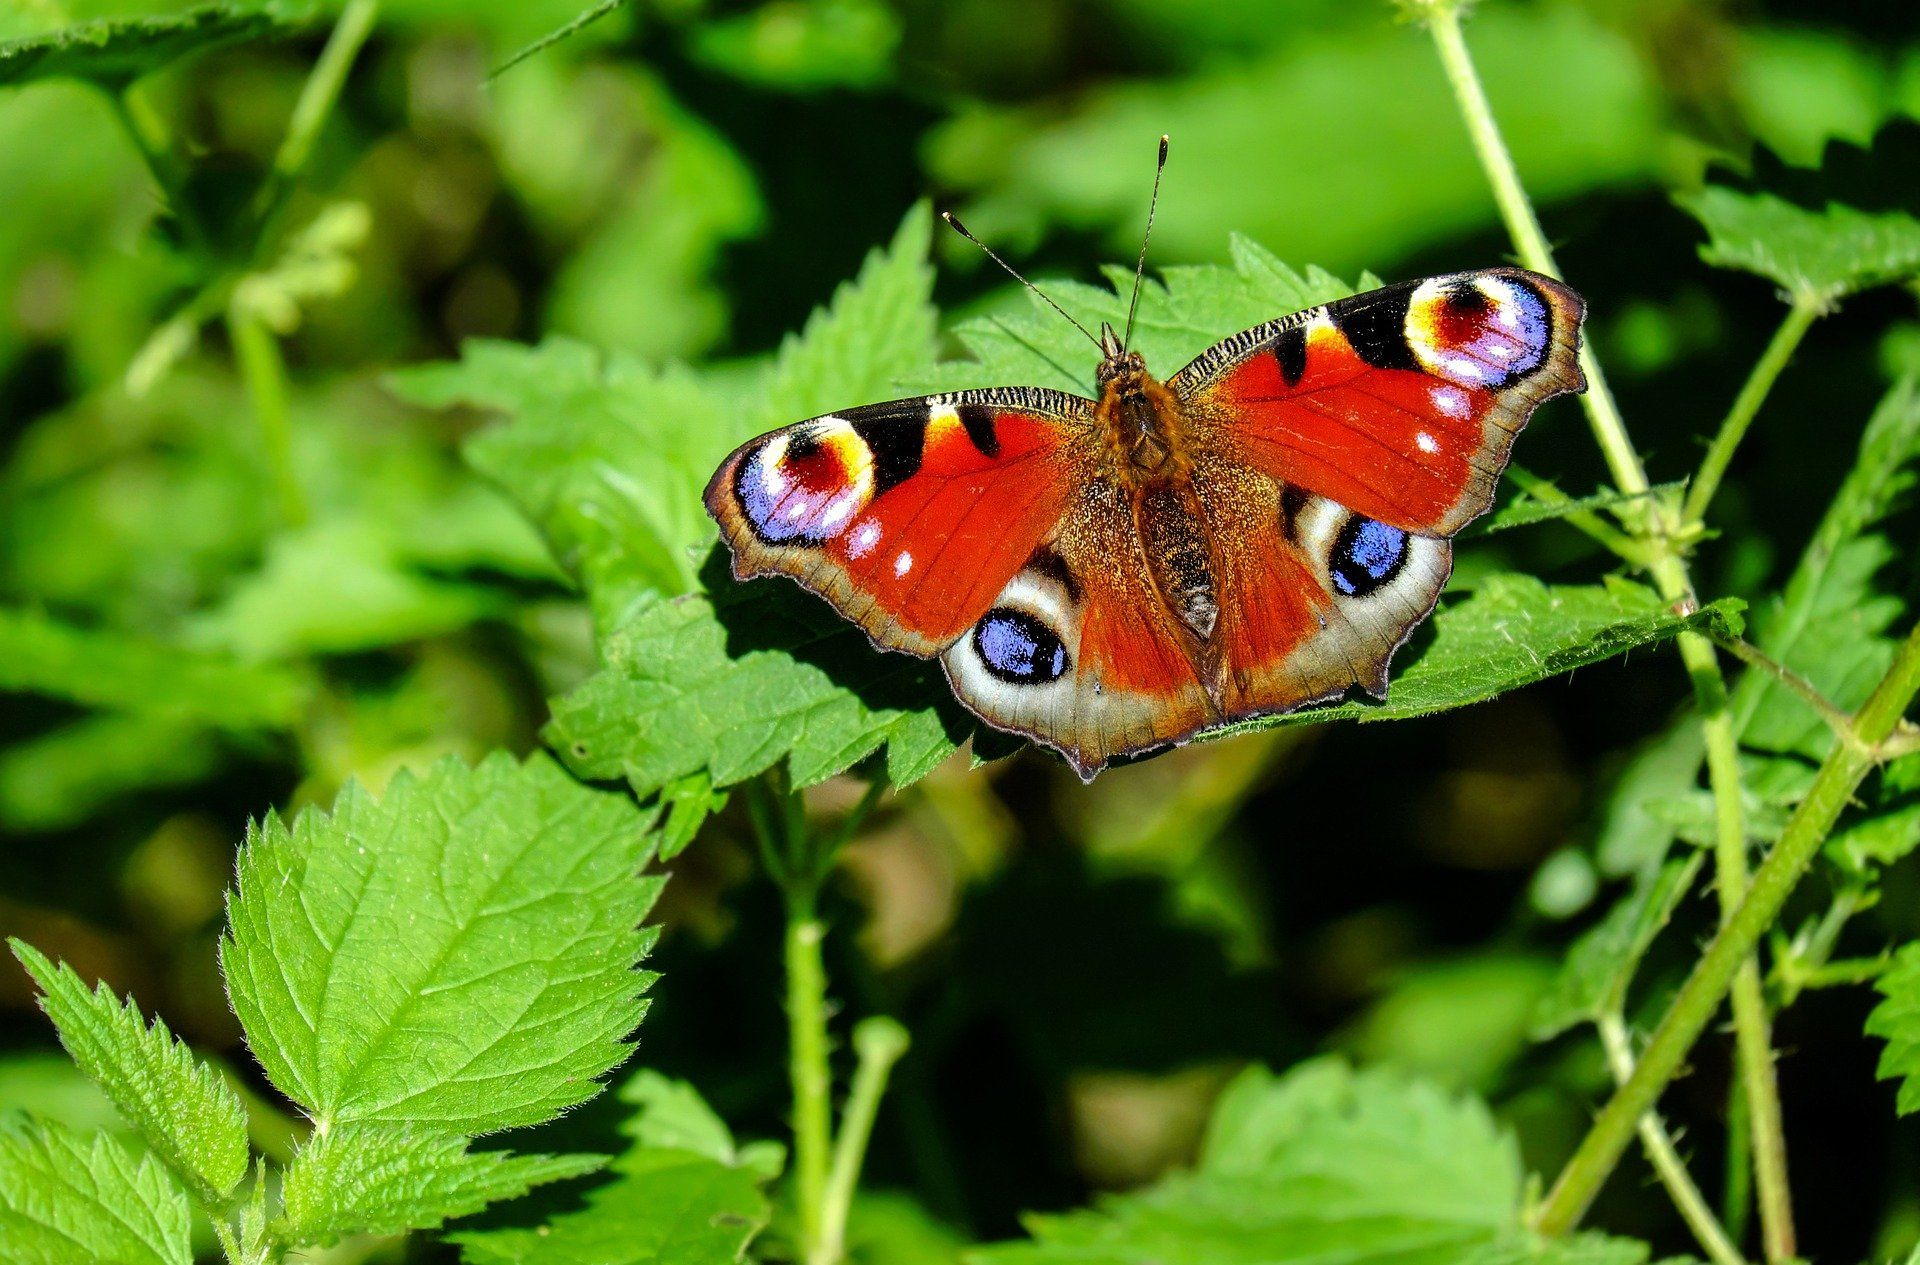 peacock-butterfly-1655724_1920.jpg